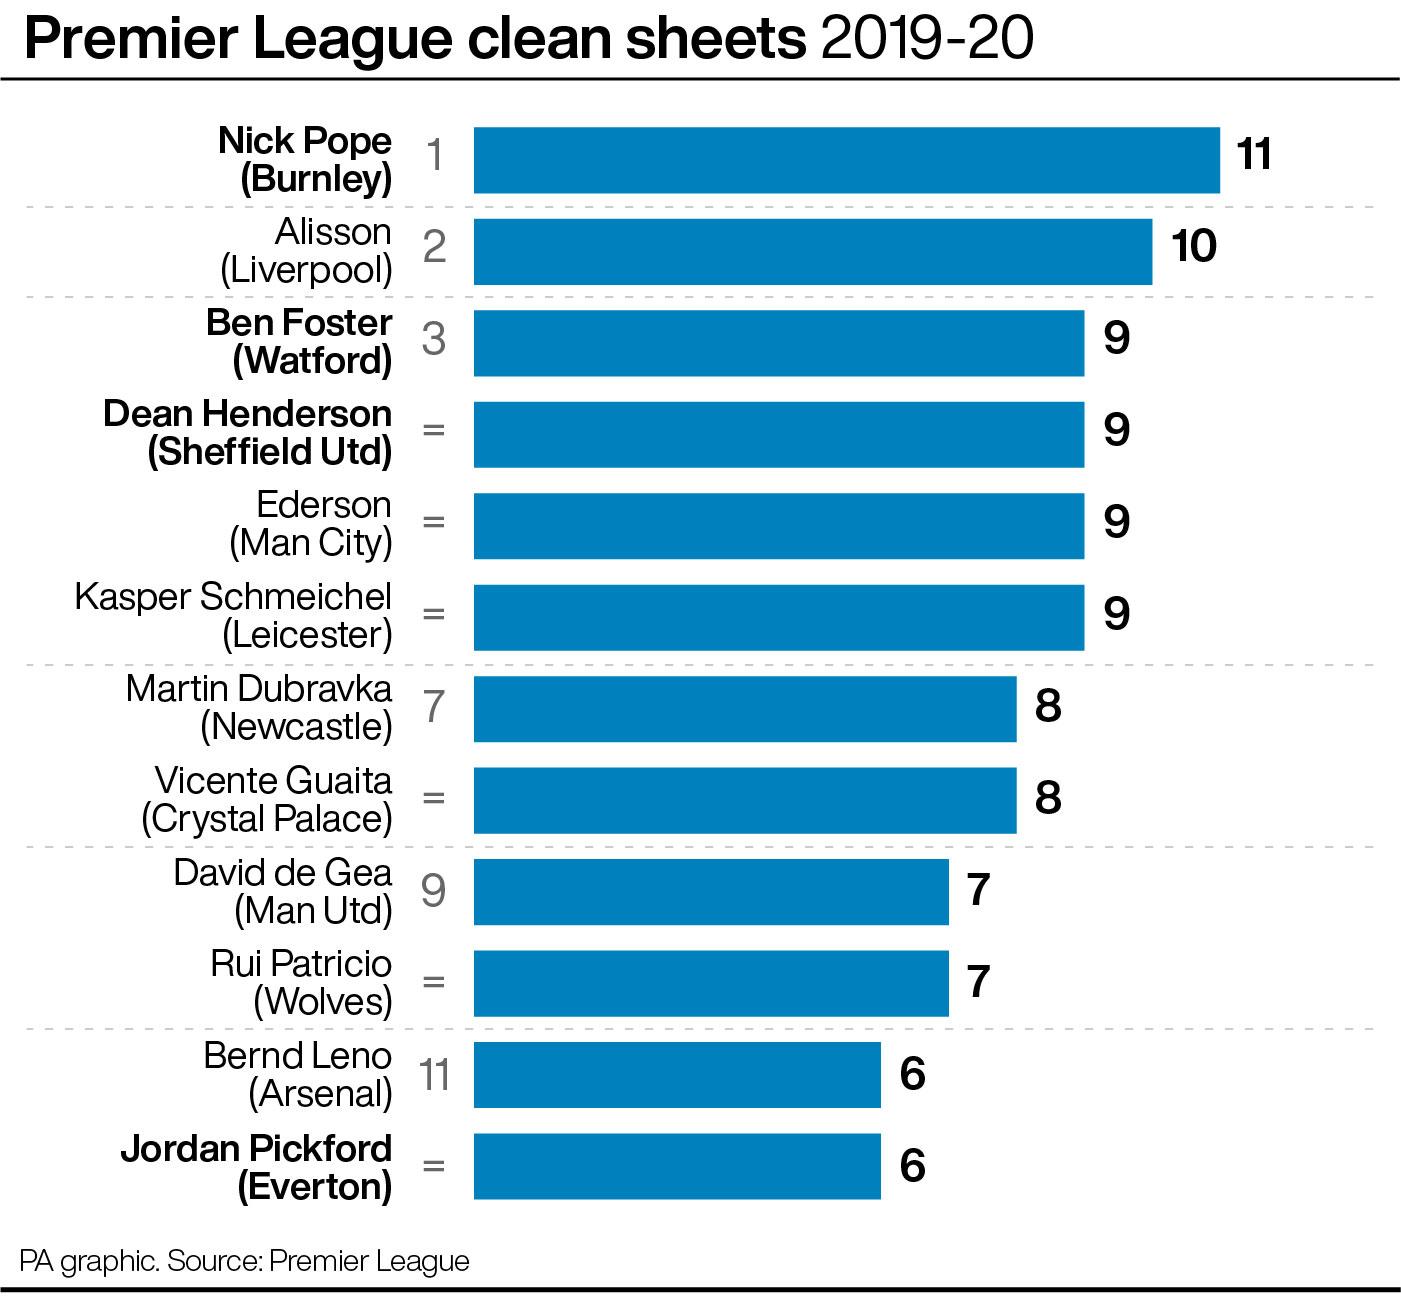 Premier League clean sheets 2019-20